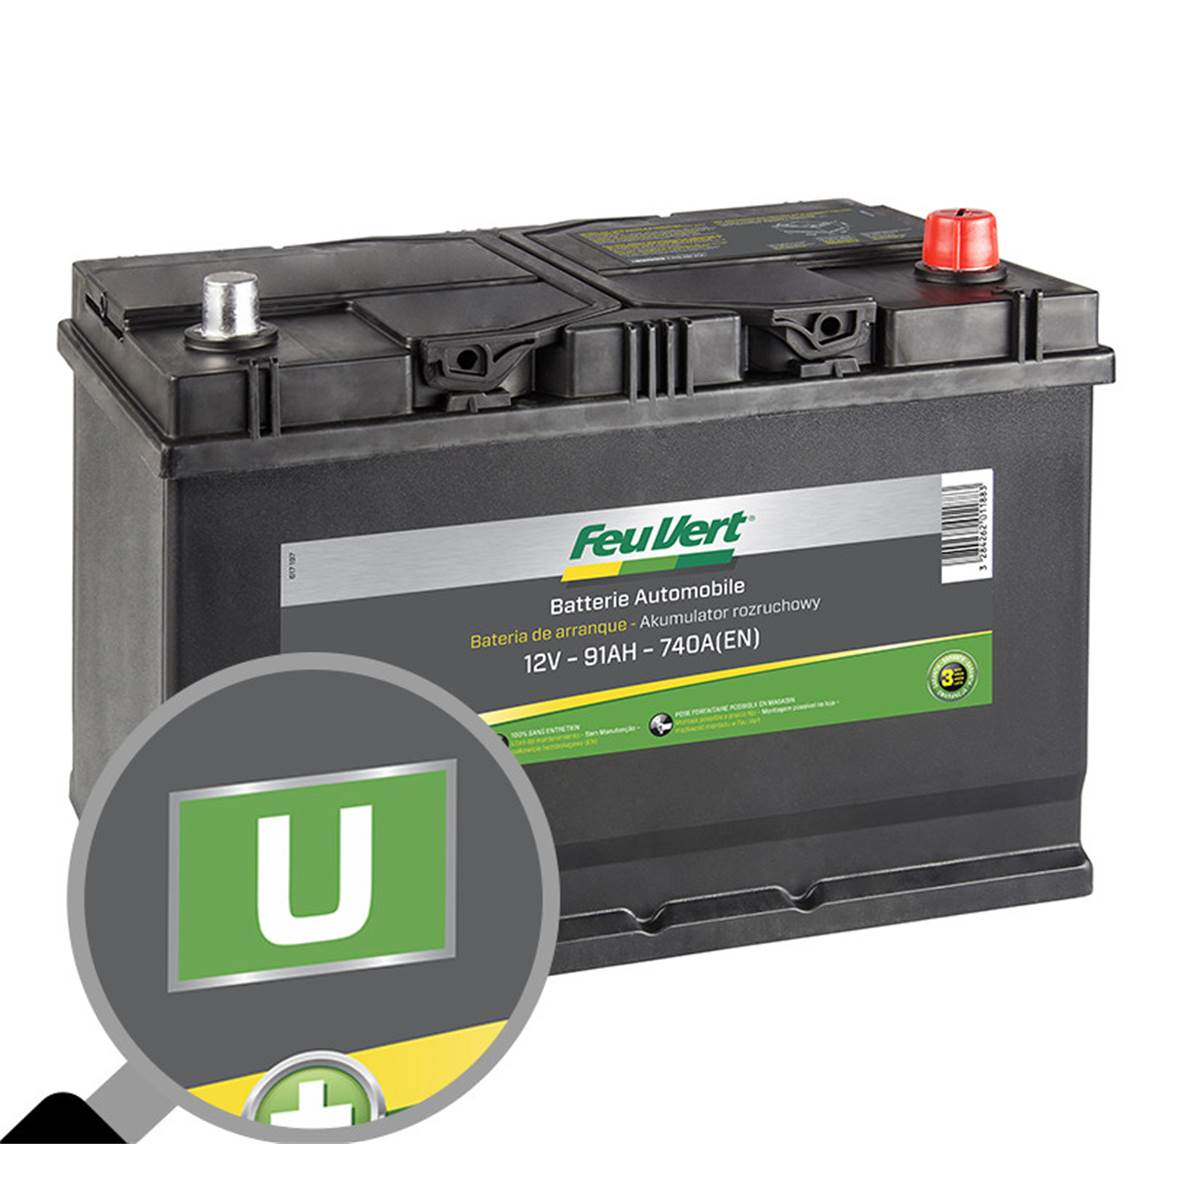 Batterie voiture Feu Vert U - 91Ah / 740A - 12V